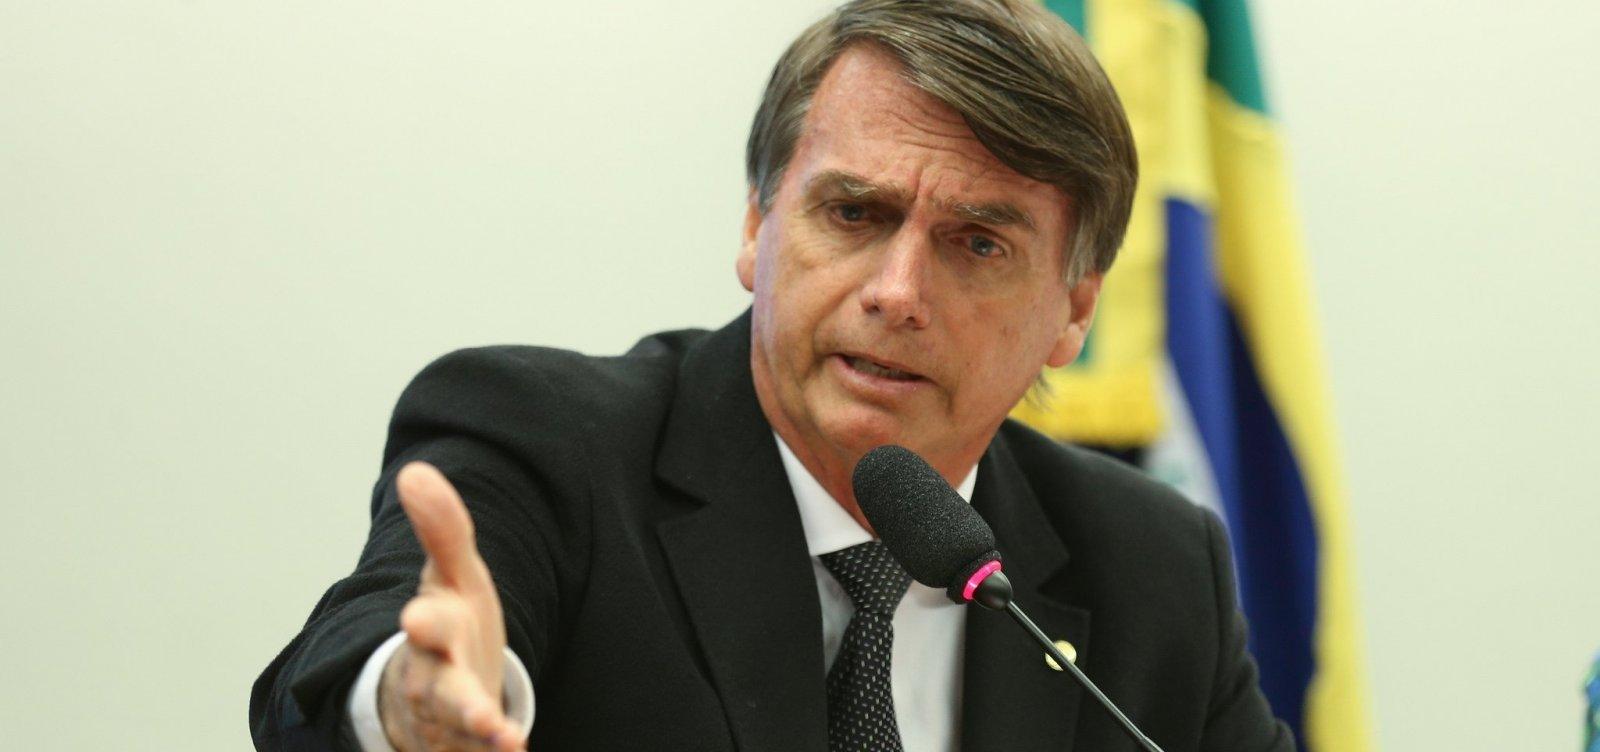 Jornalista tem celular invadido após publicar reportagem sobre Bolsonaro